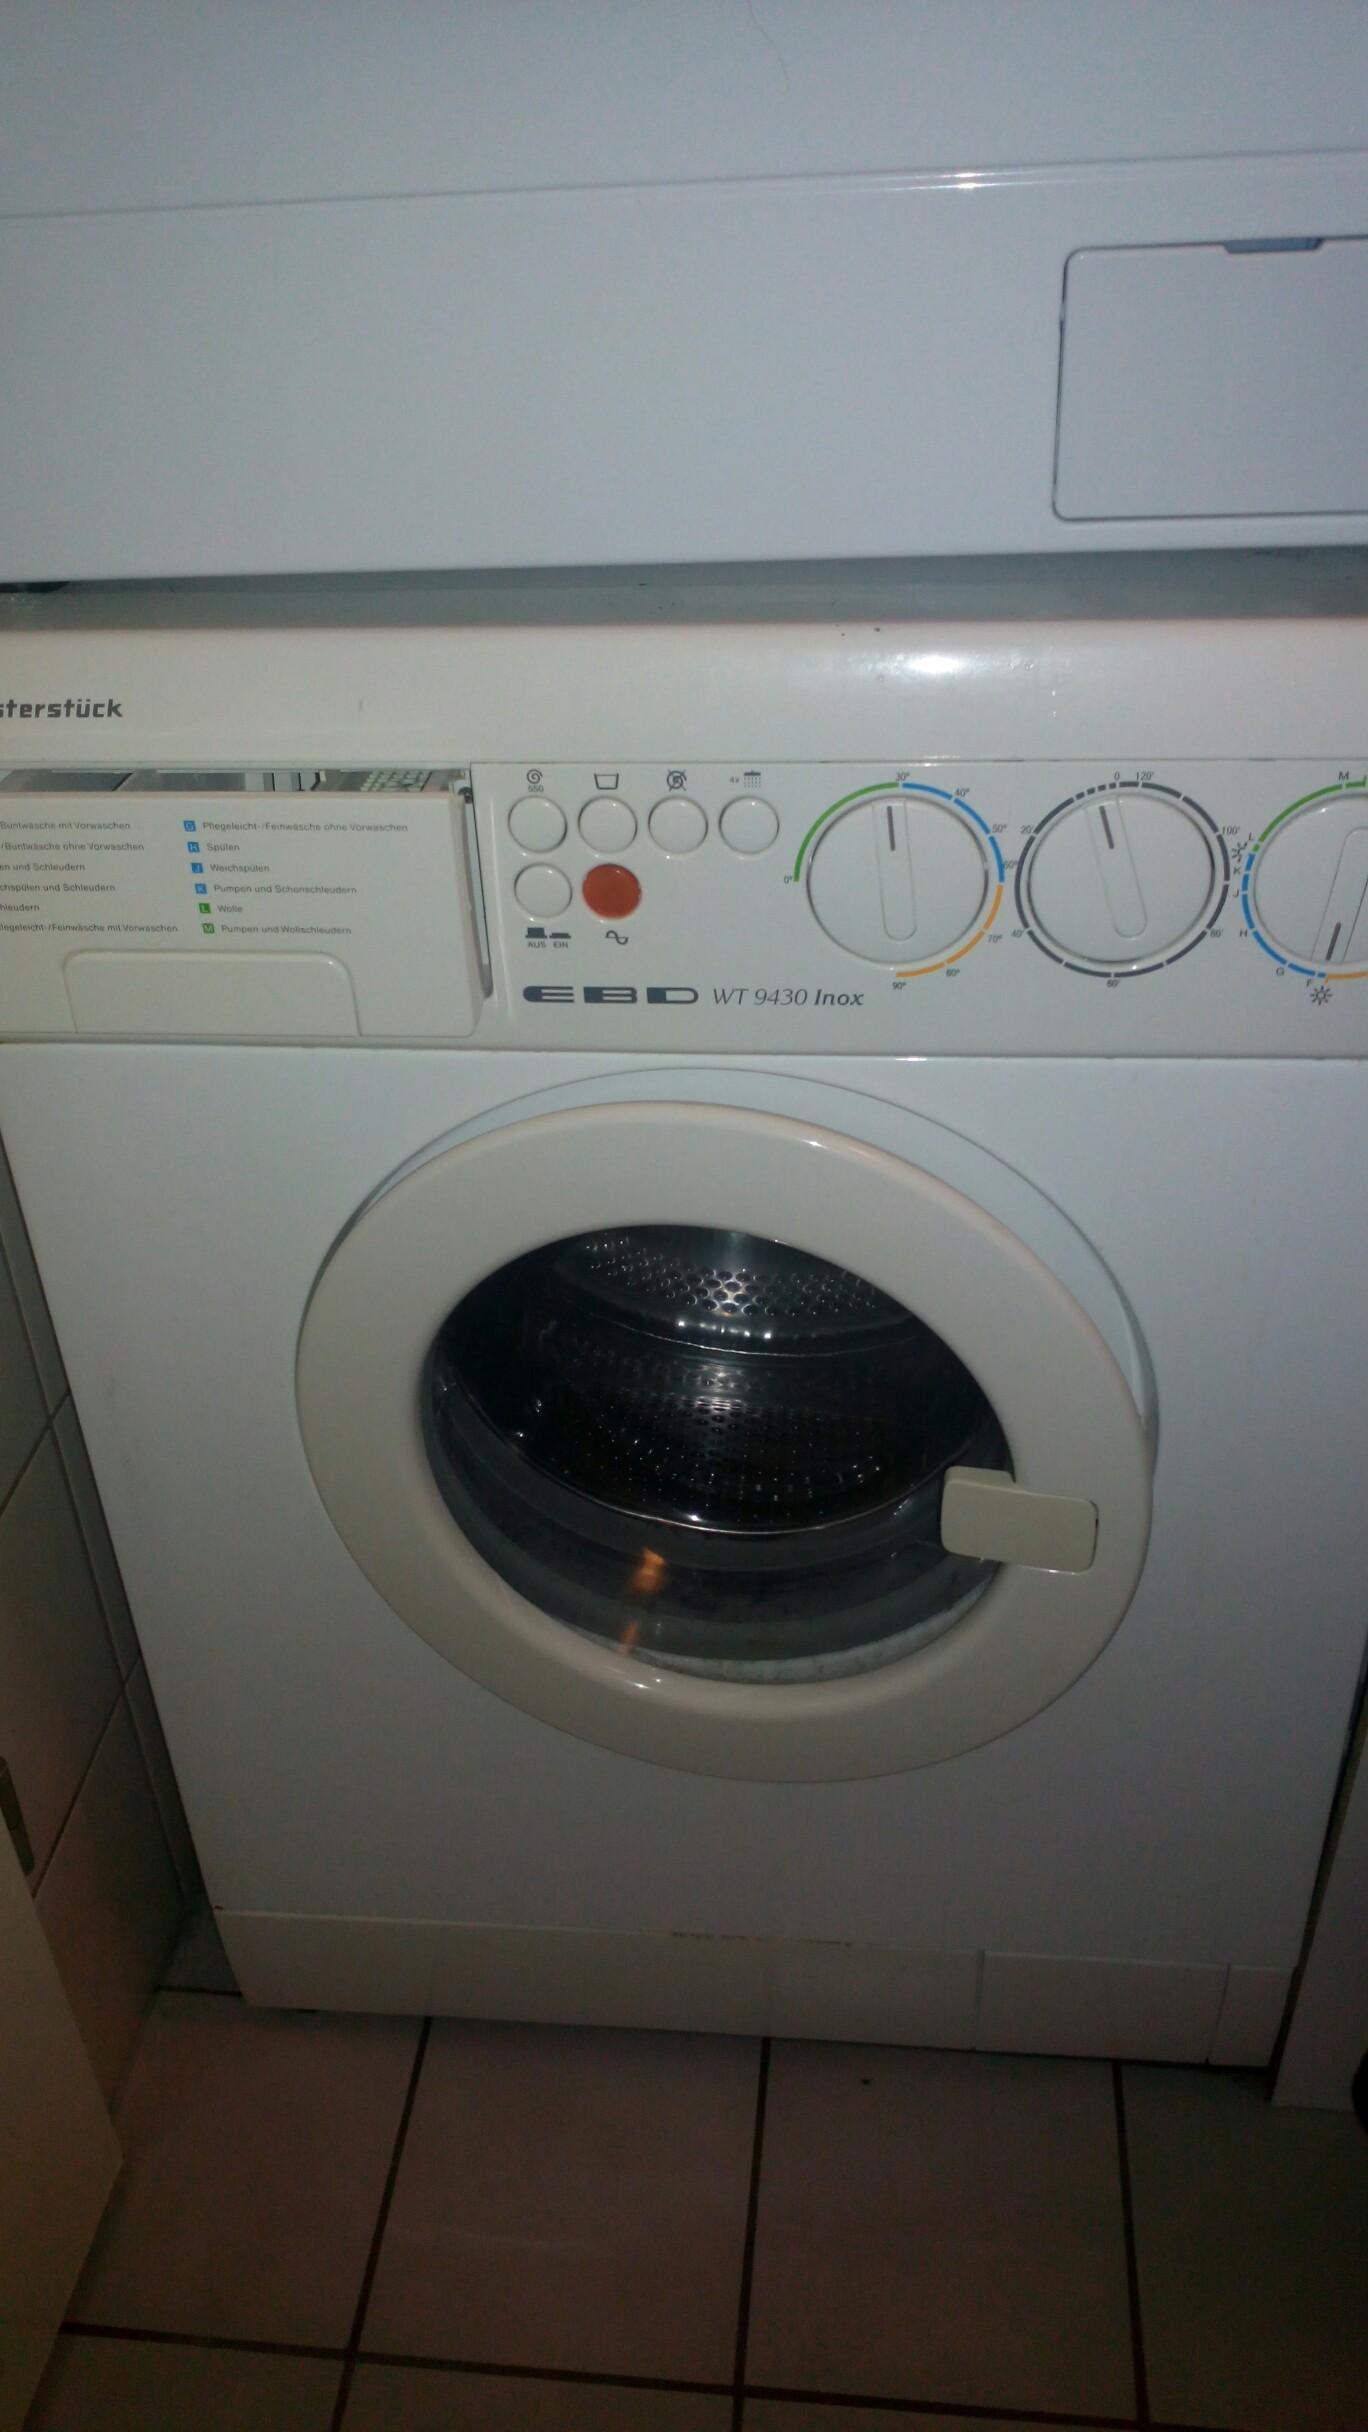 Gebraucht waschtrockner waschmaschine trockner in lüneburg